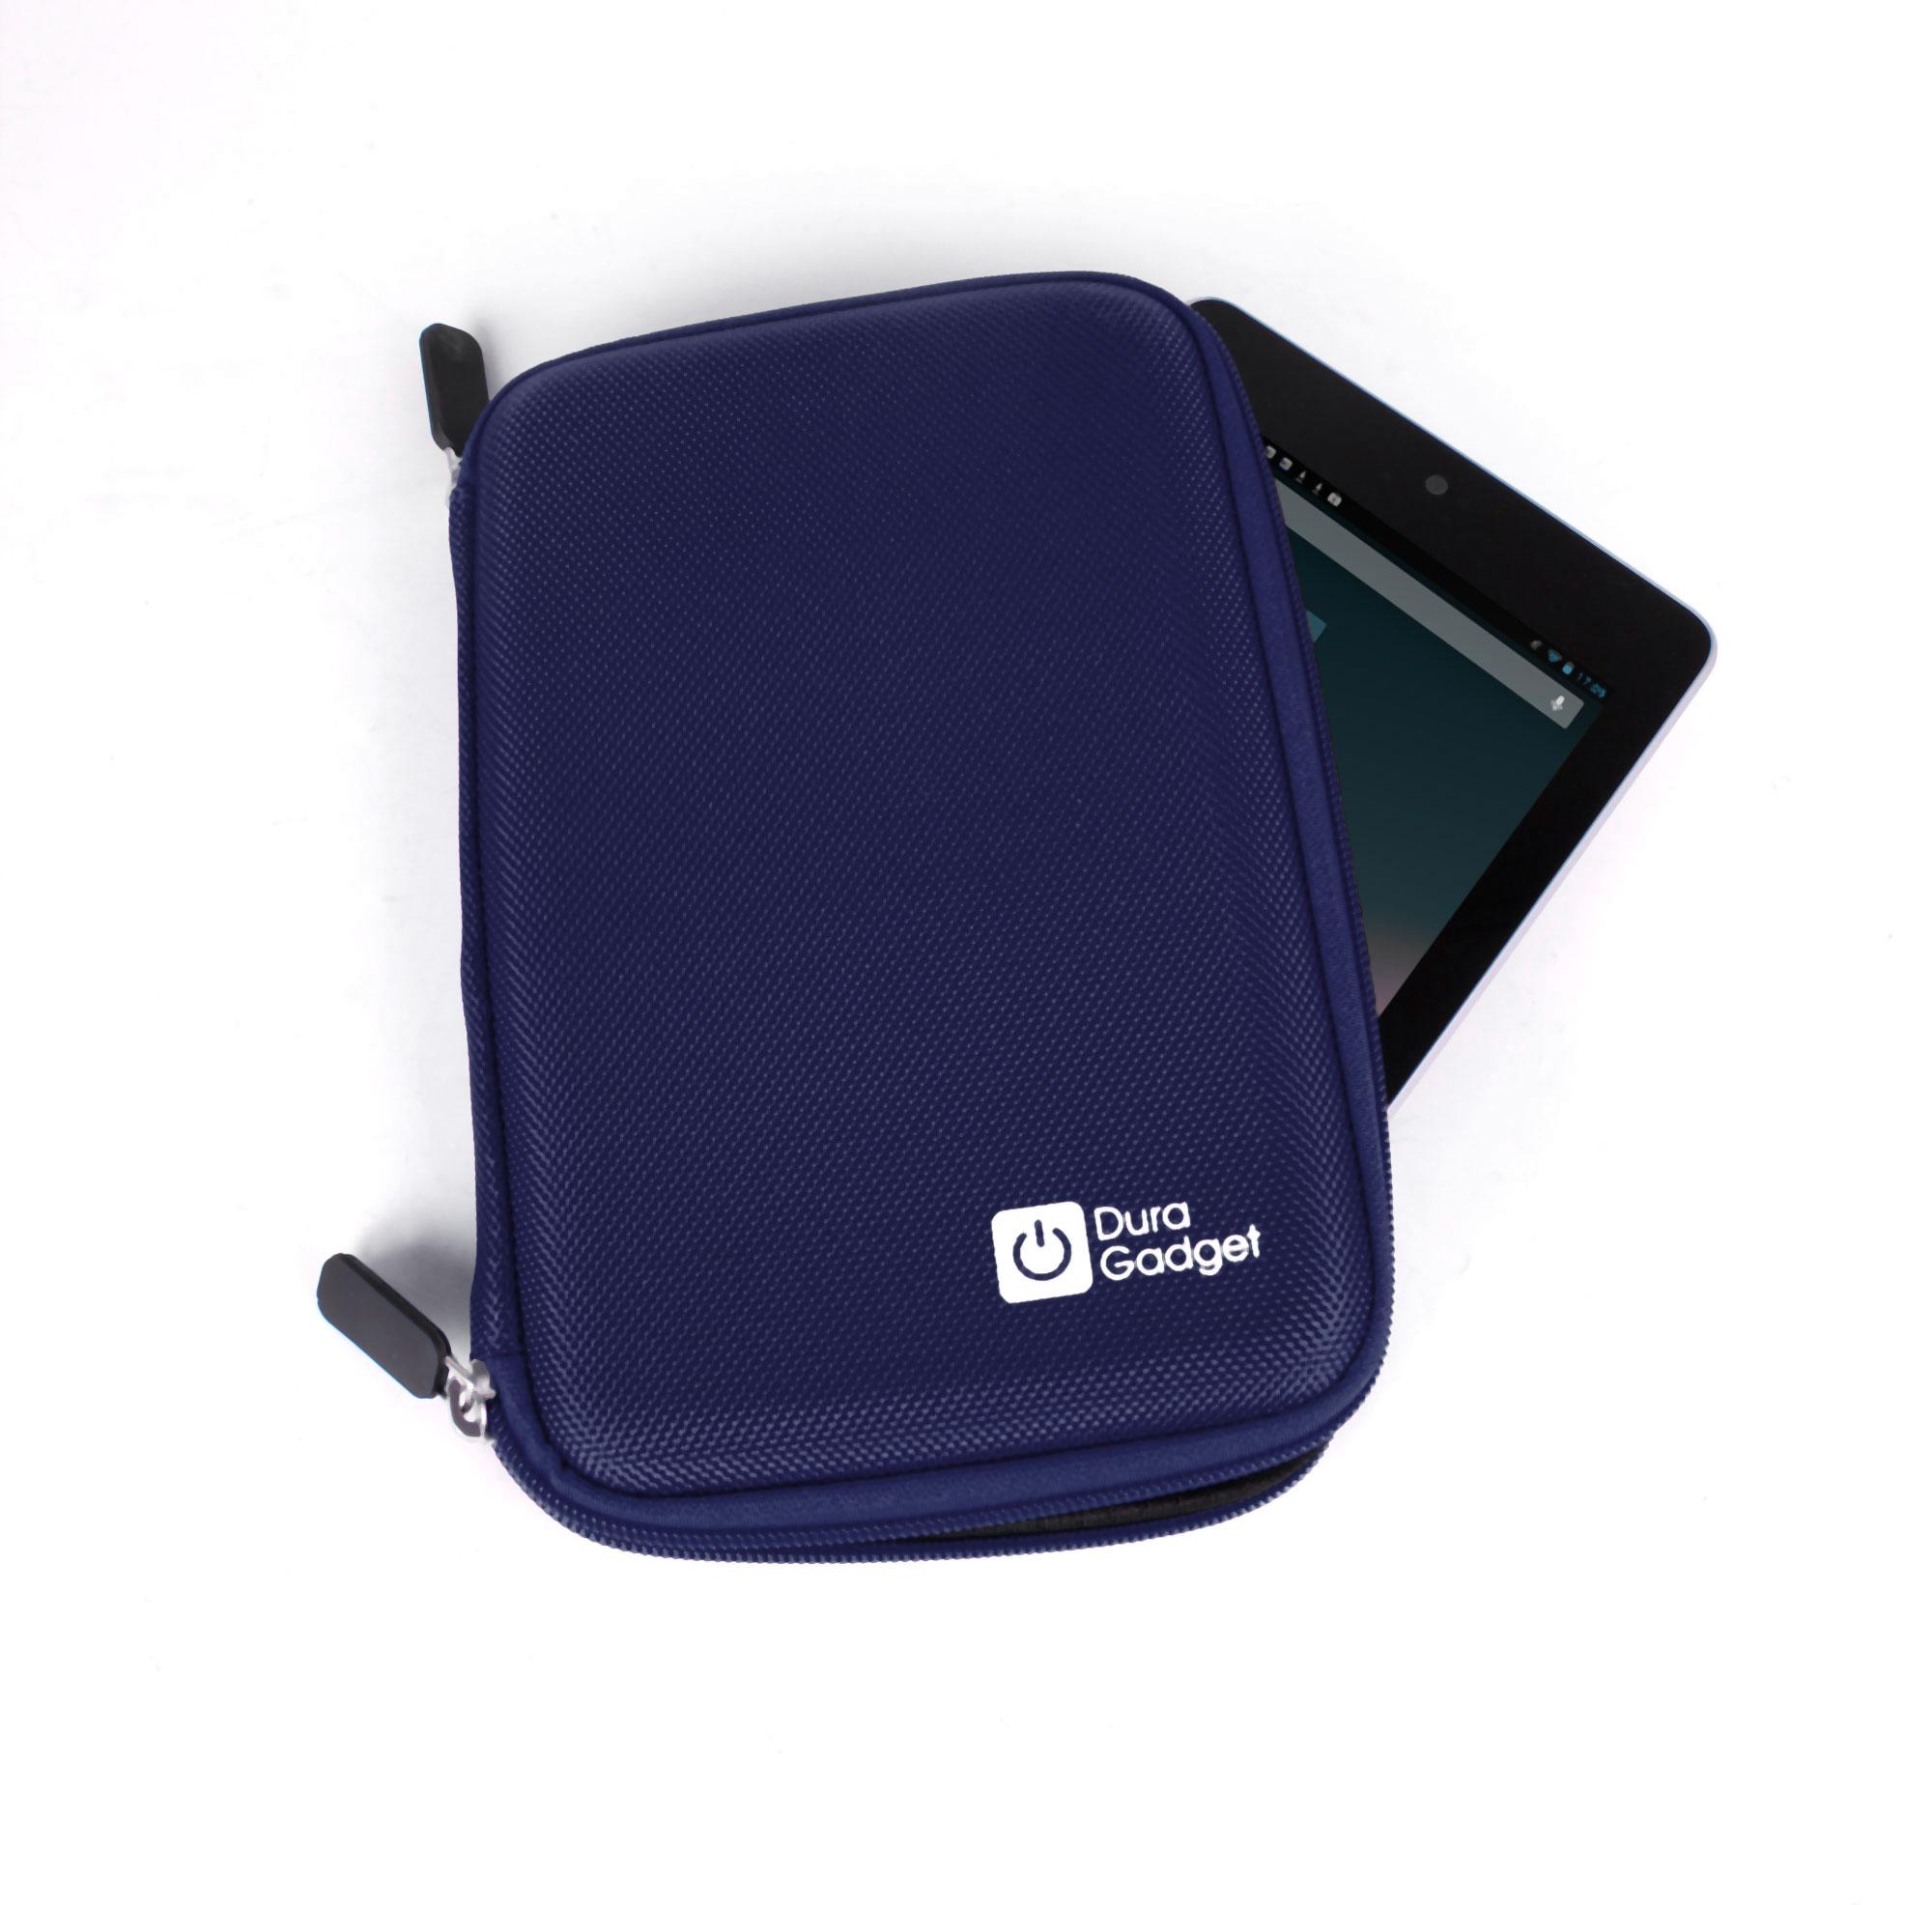 Etui bleu coque rigide pour tablette lenovo ideatab - Coque pour tablette ...